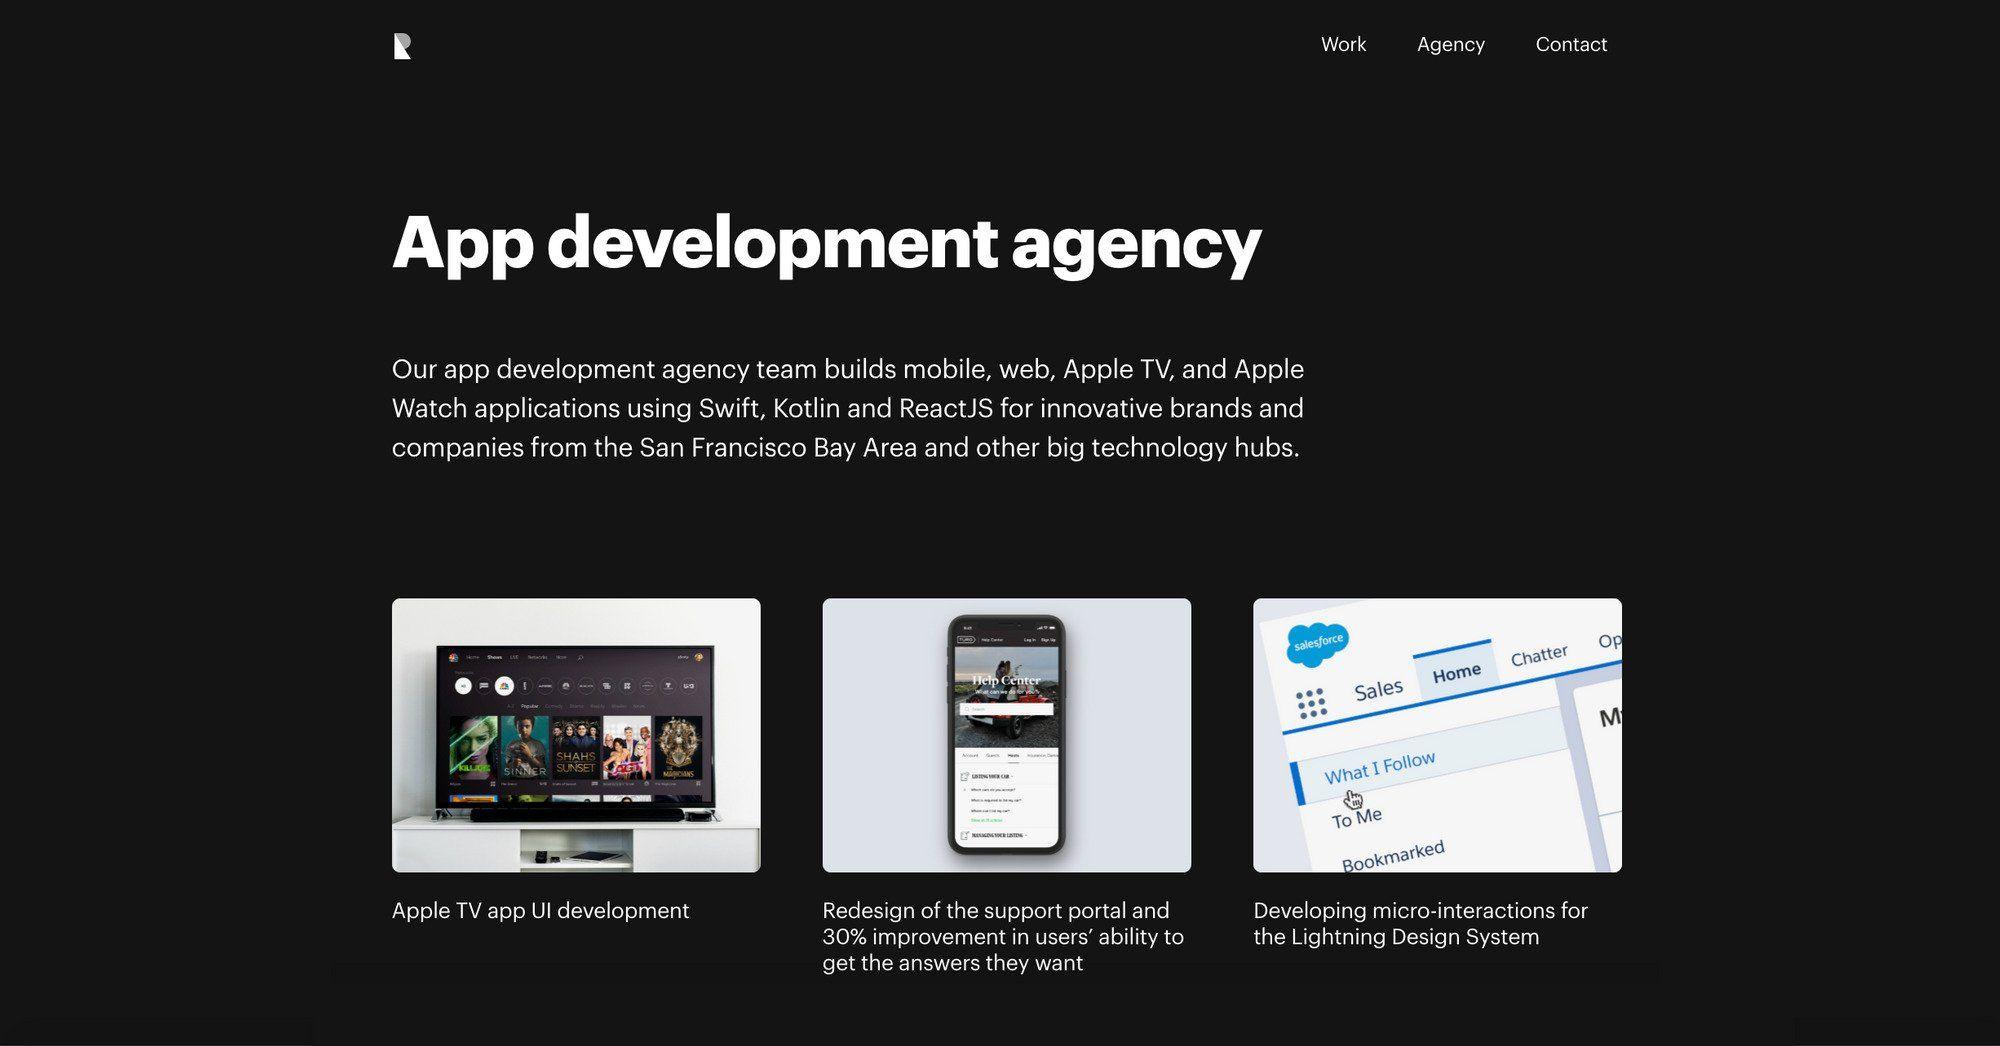 app development agency